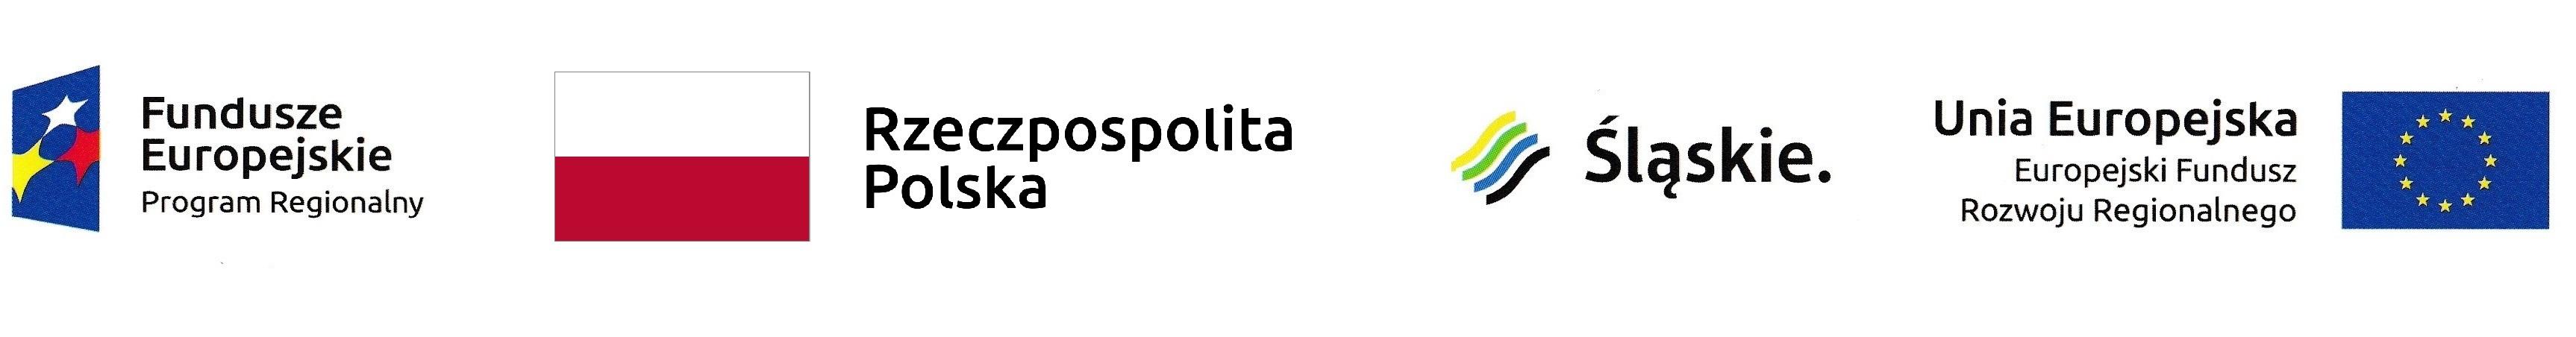 http://www.delta.net.pl/media//Przetargi%20UE%20pliki%20do%20pobrania/LOGA%20DOTACJE%20AKTUALNE%20-%20Kopia.jpg